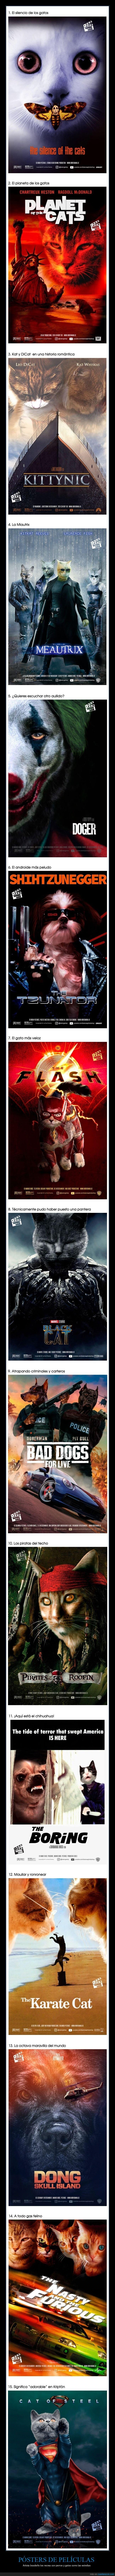 gatos,películas,perros,pósters